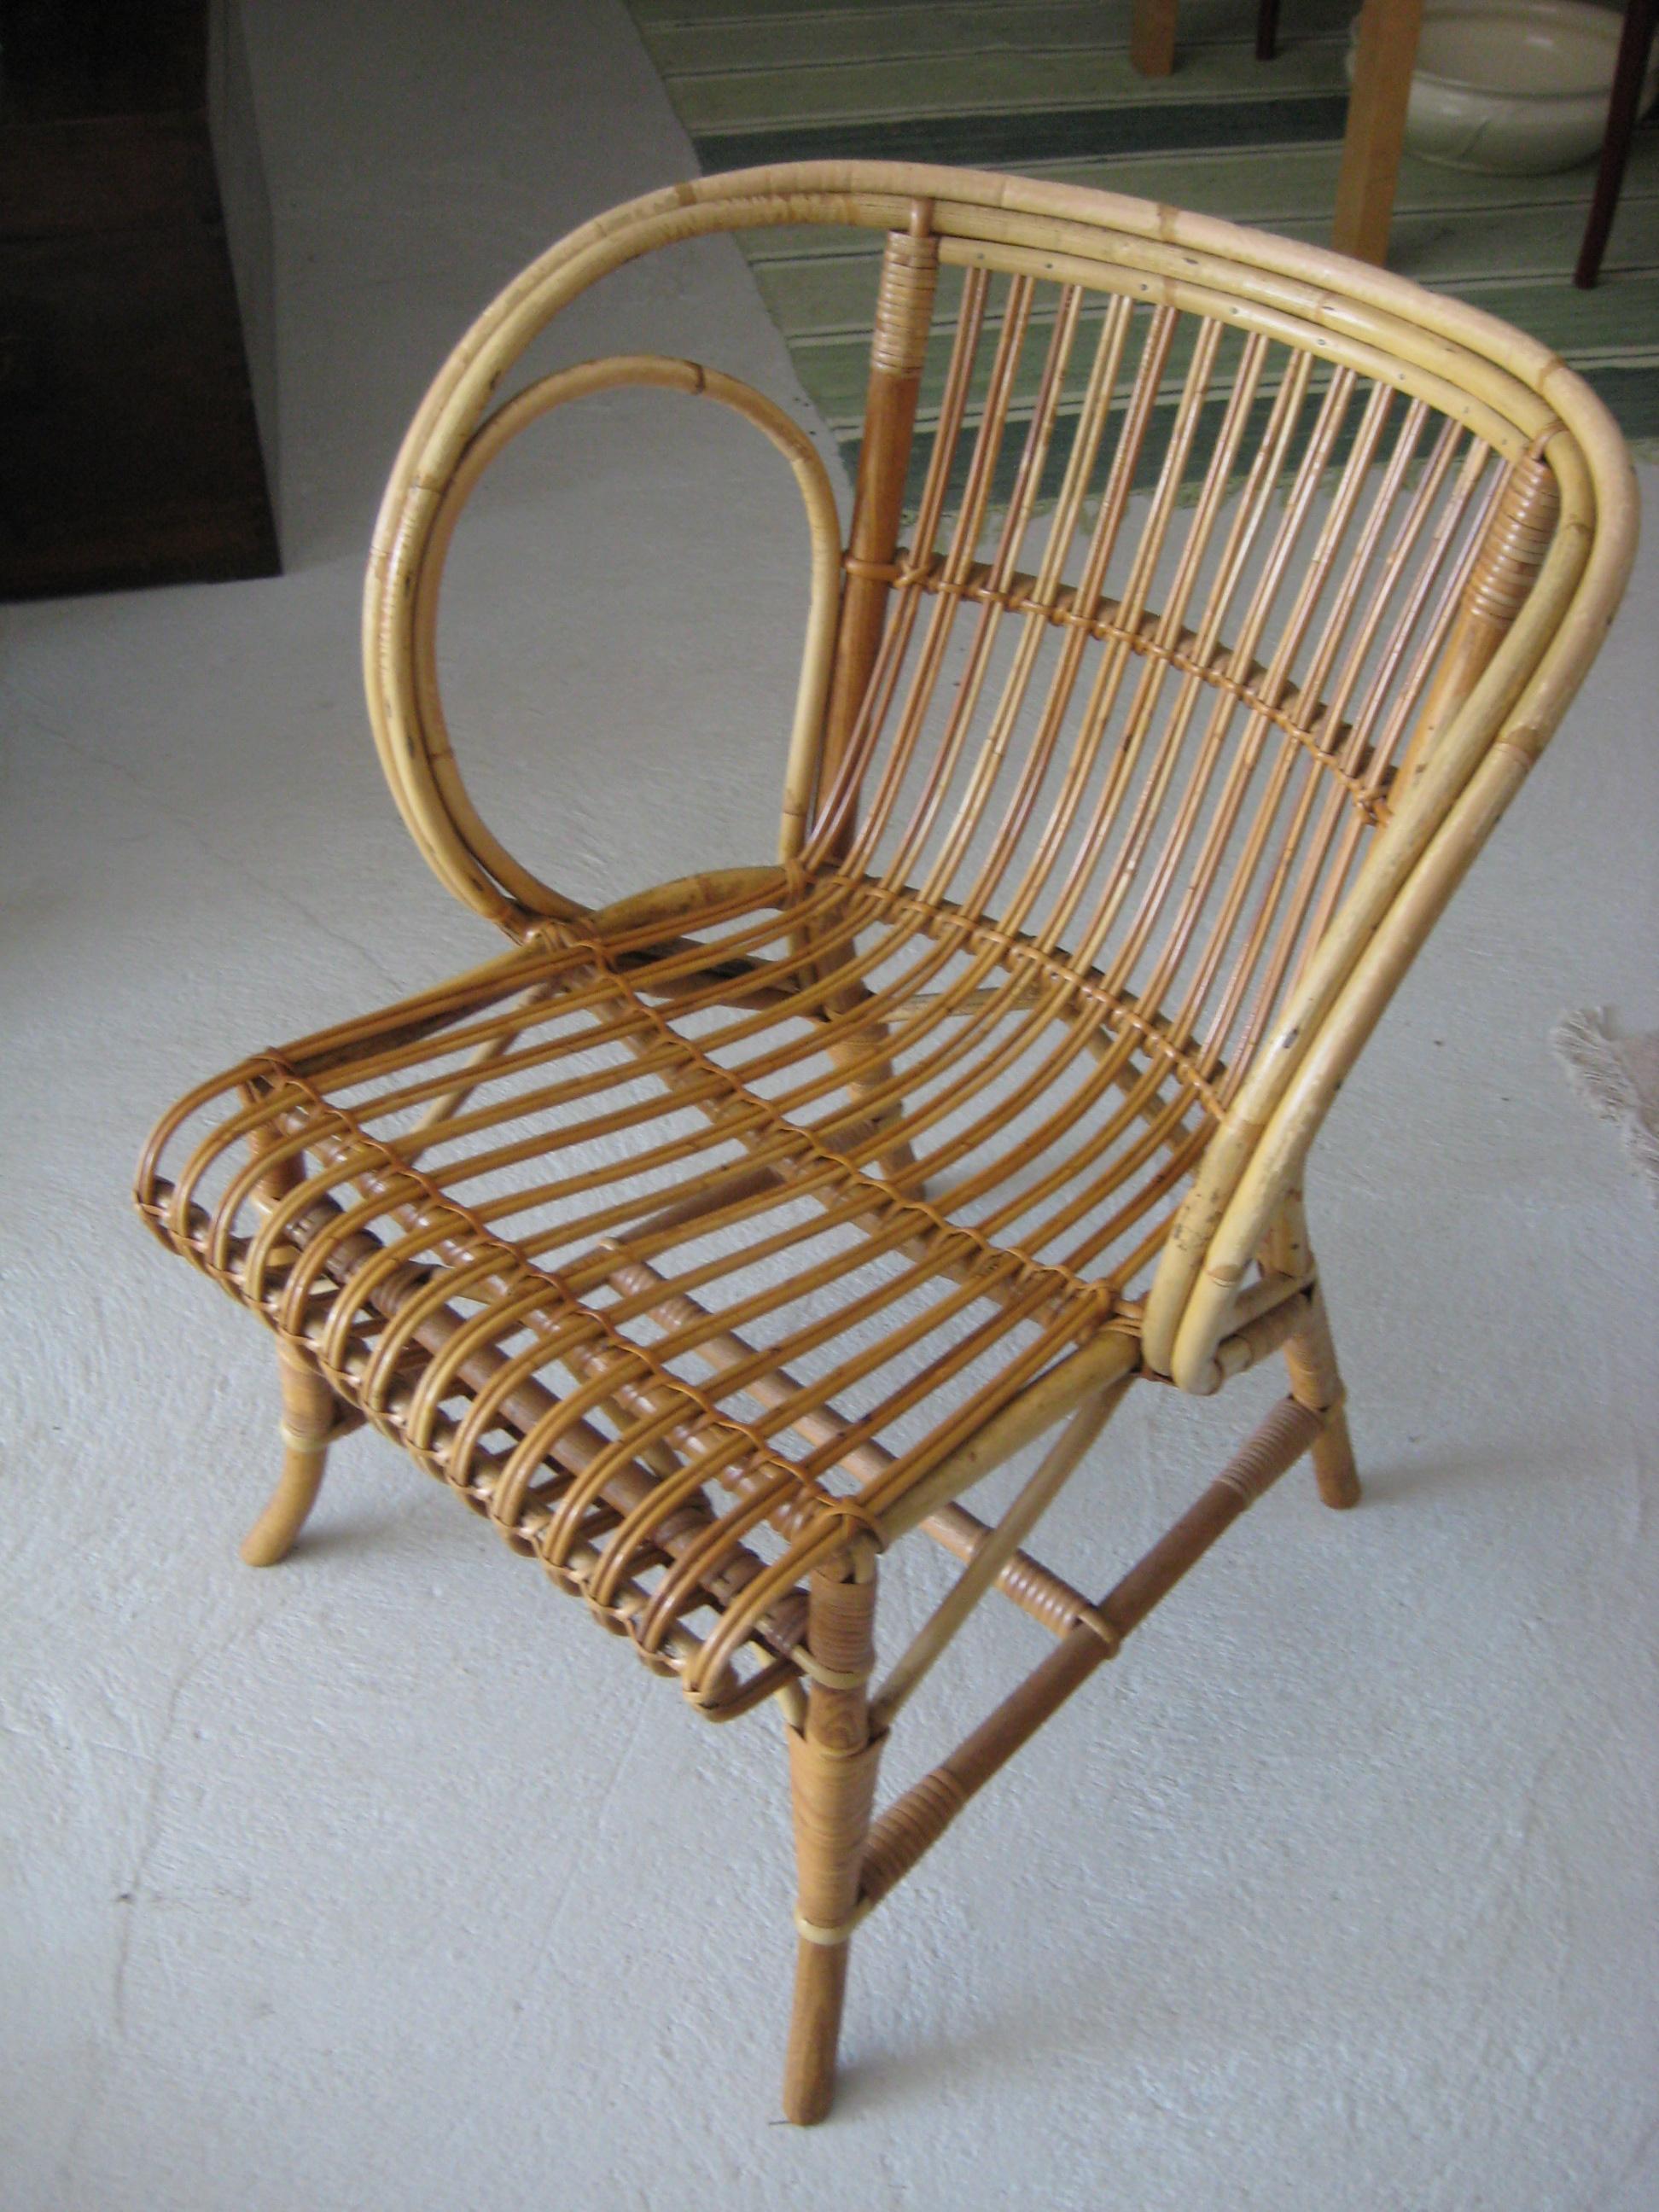 kurvemøbler kurvemøbler i Rattan flet, 4 stole samt glasbord fra Wengler   Nyt  kurvemøbler